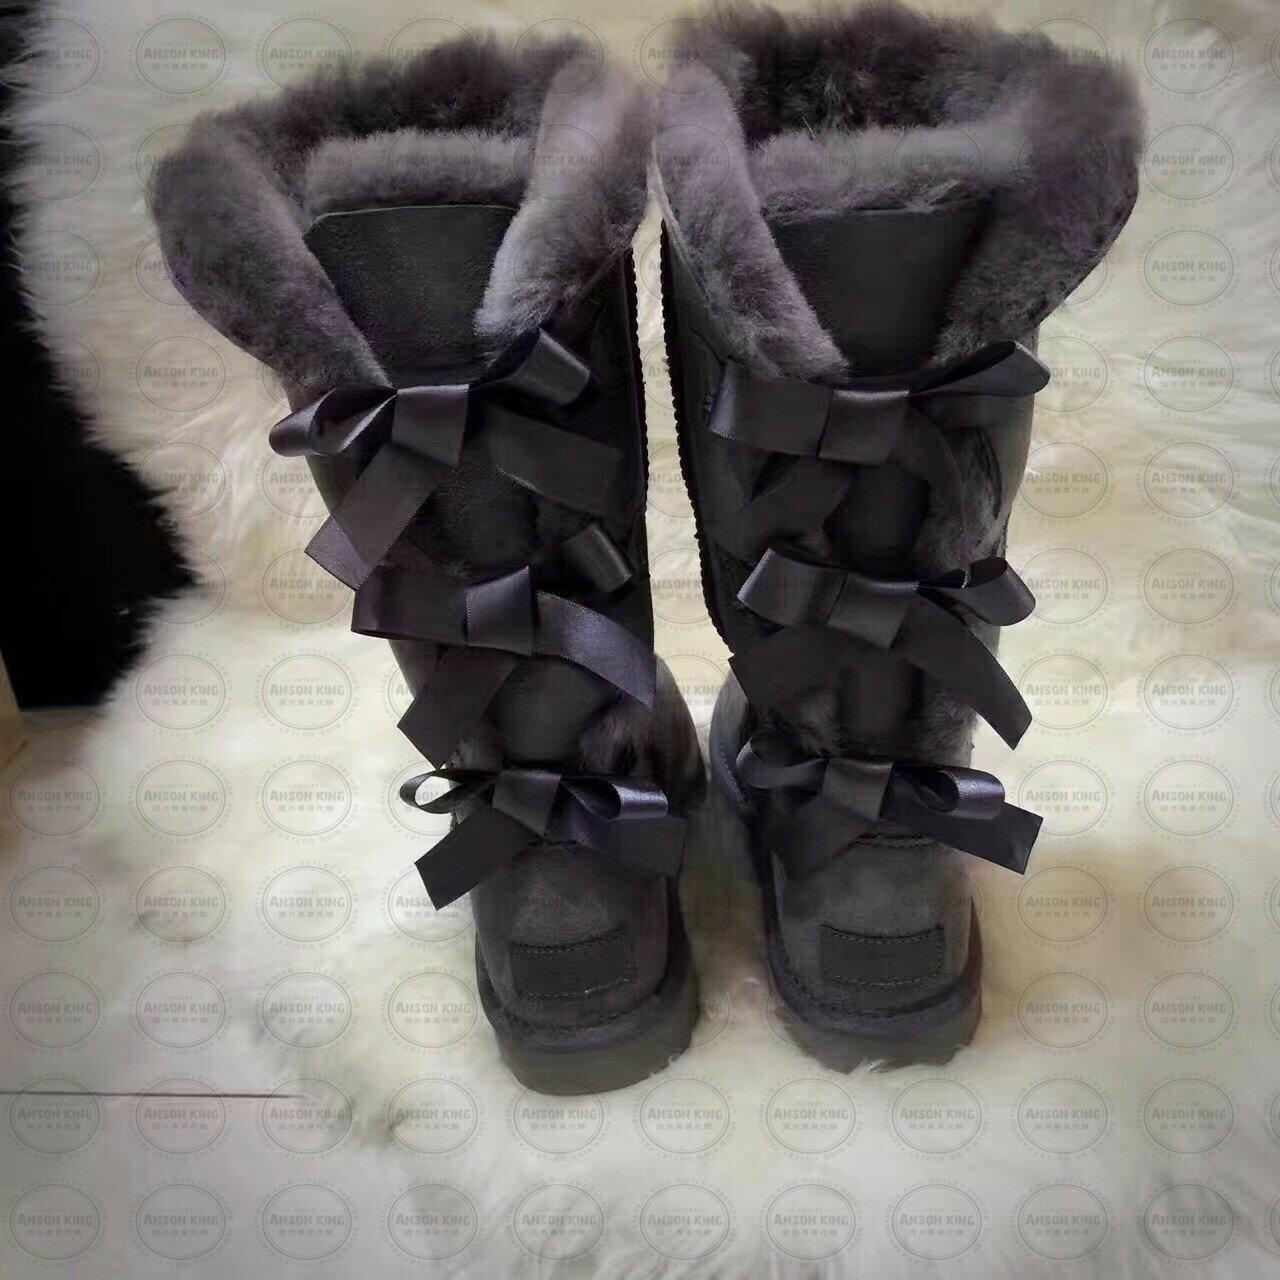 OUTLET正品代購 澳洲 UGG 一體女式絲帶蝴蝶結 保暖 真皮羊皮毛 雪靴 短靴 灰色 3